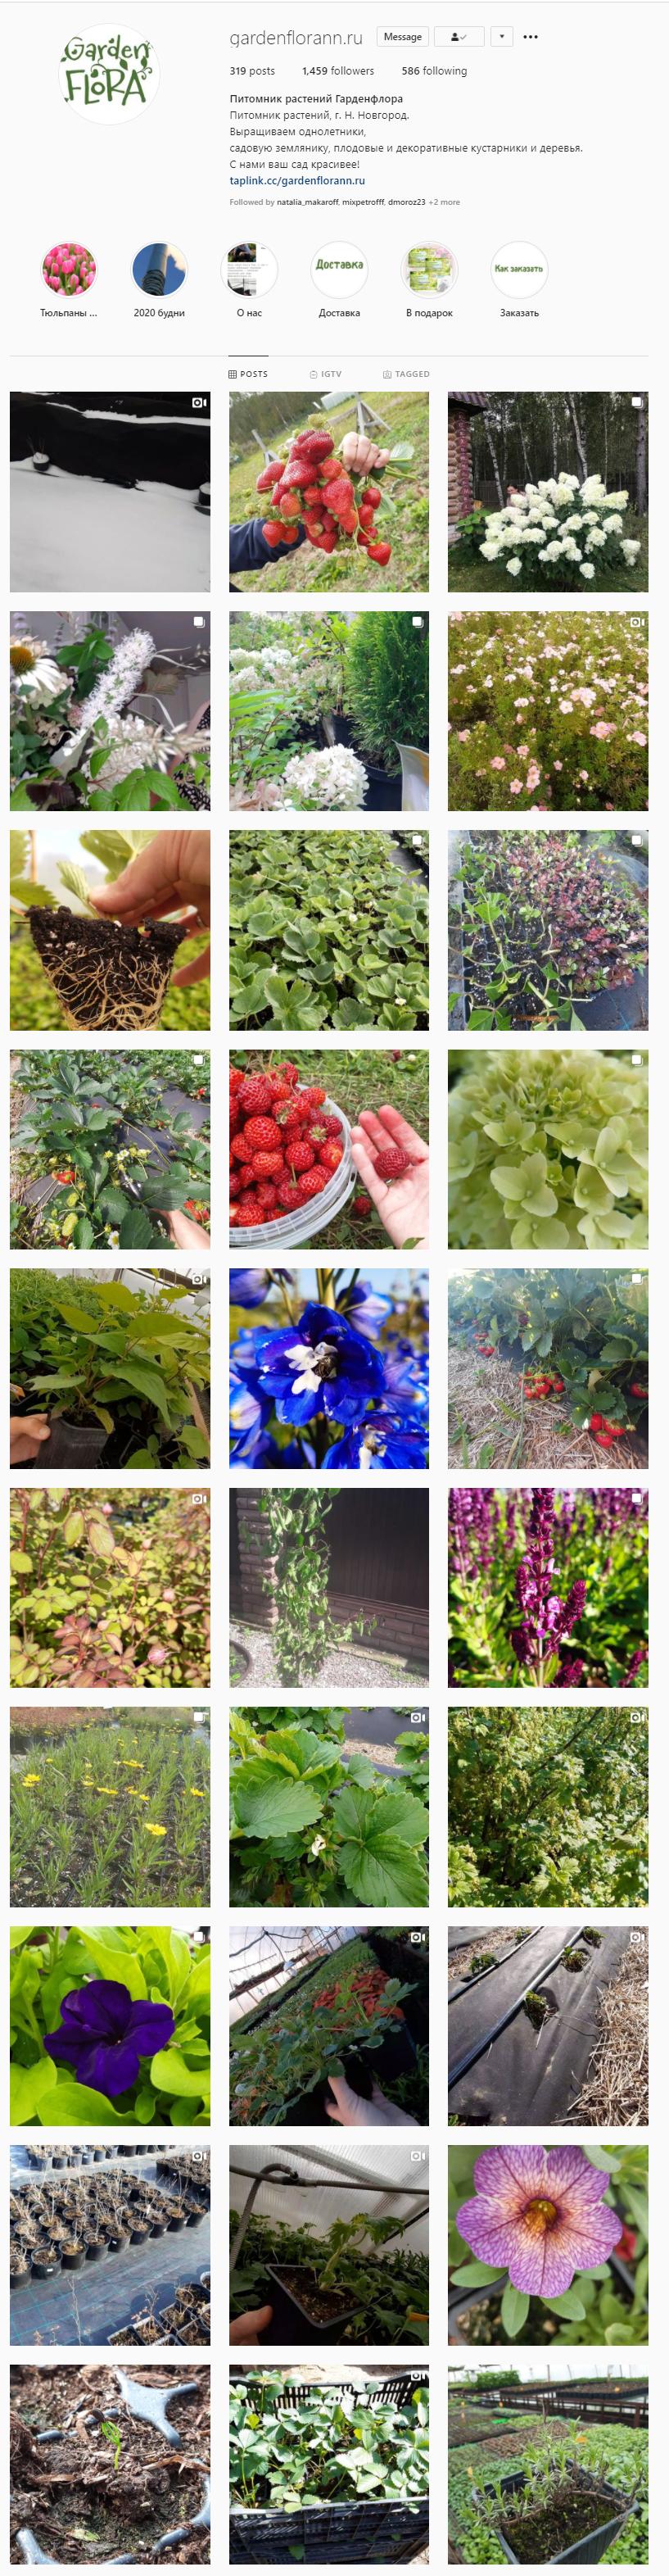 Скриншот странички из Instagram Питомника растений Гарден флора